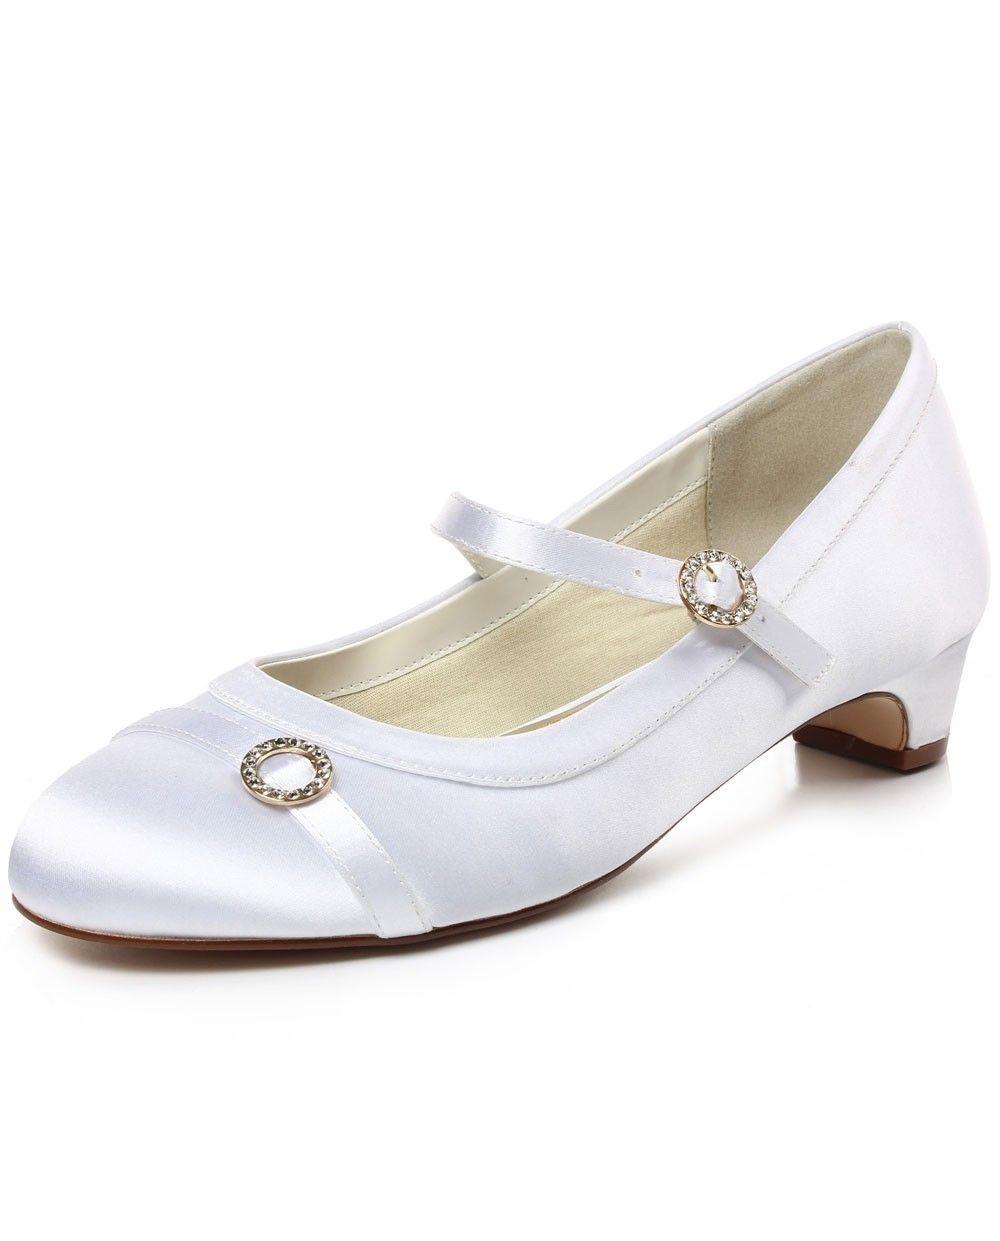 Buty Do Sukienki Z Diamencikami 27 38 Elza 3 Ecru Ecru Shoes Fashion